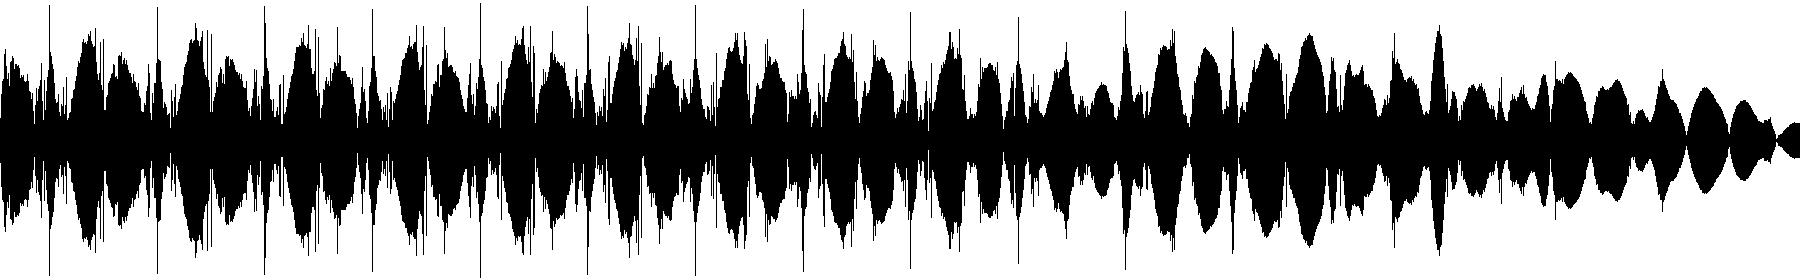 veh2 synths   048 c